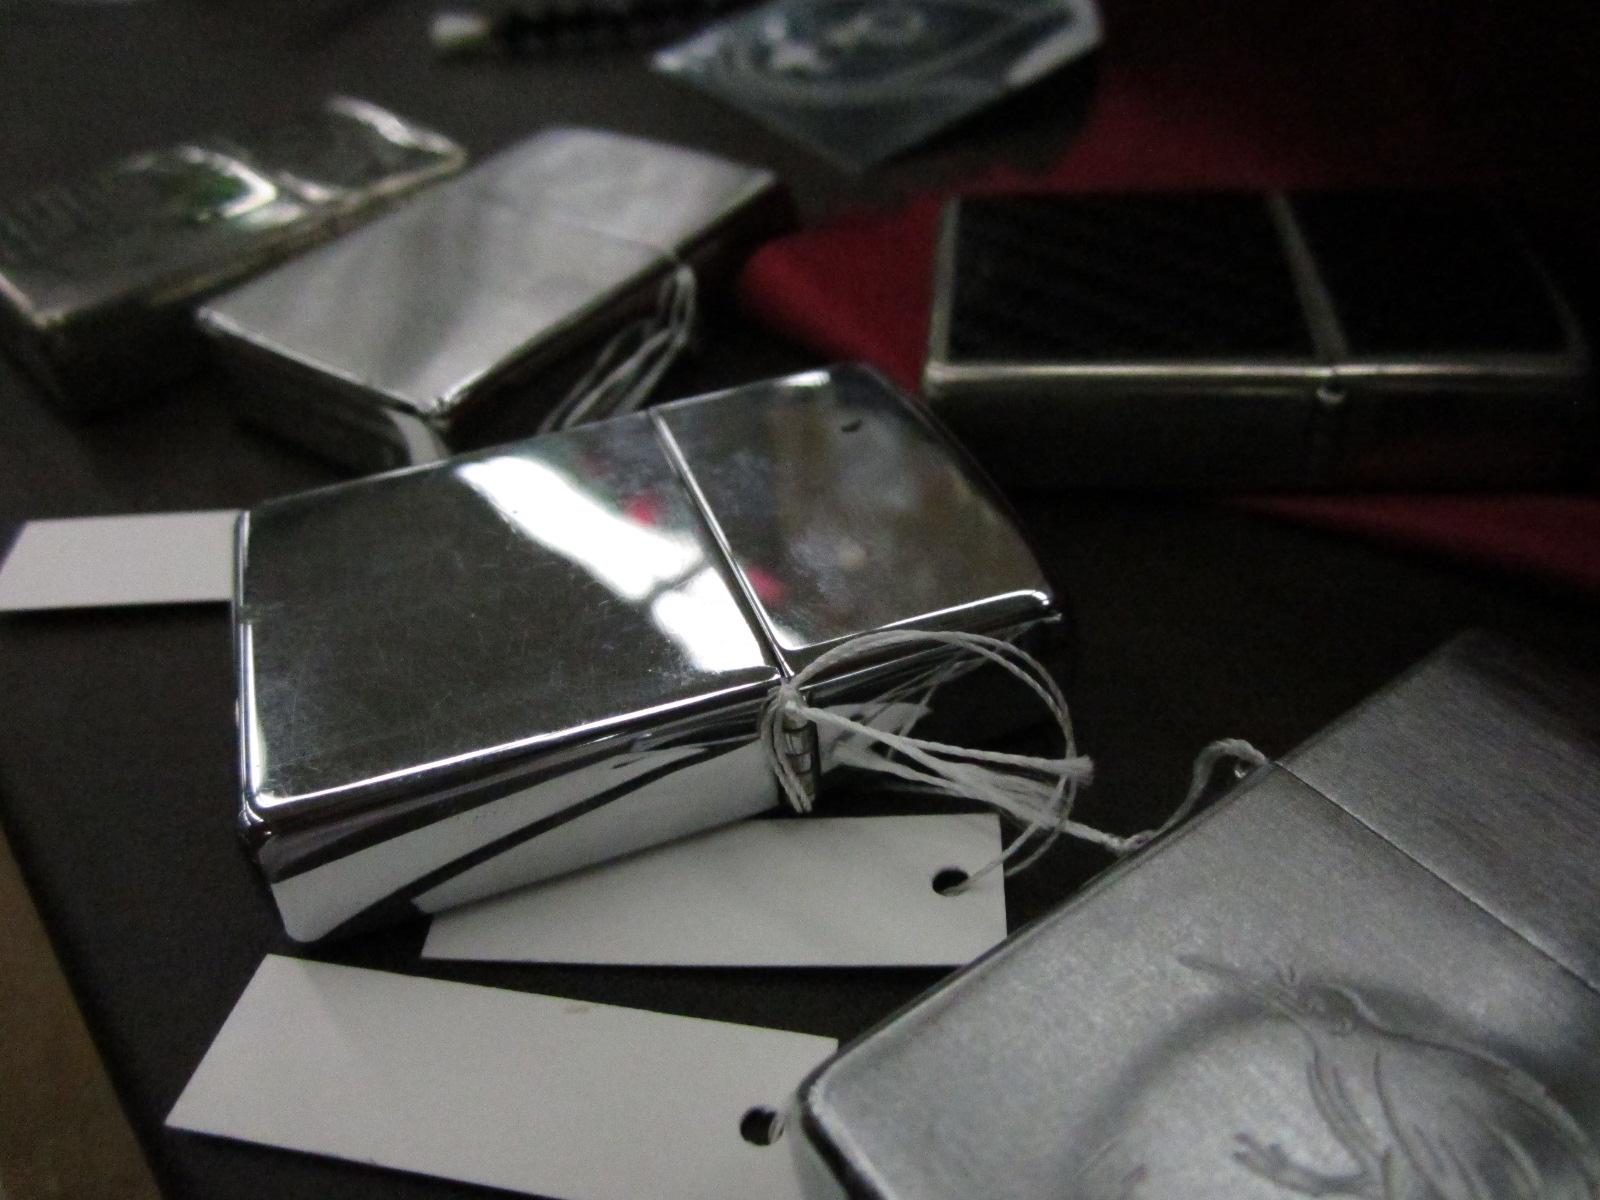 集め終わったコレクションたち、売れます!!金・銀・プラチナ・ブランド・時計・切手・金券・携帯電話